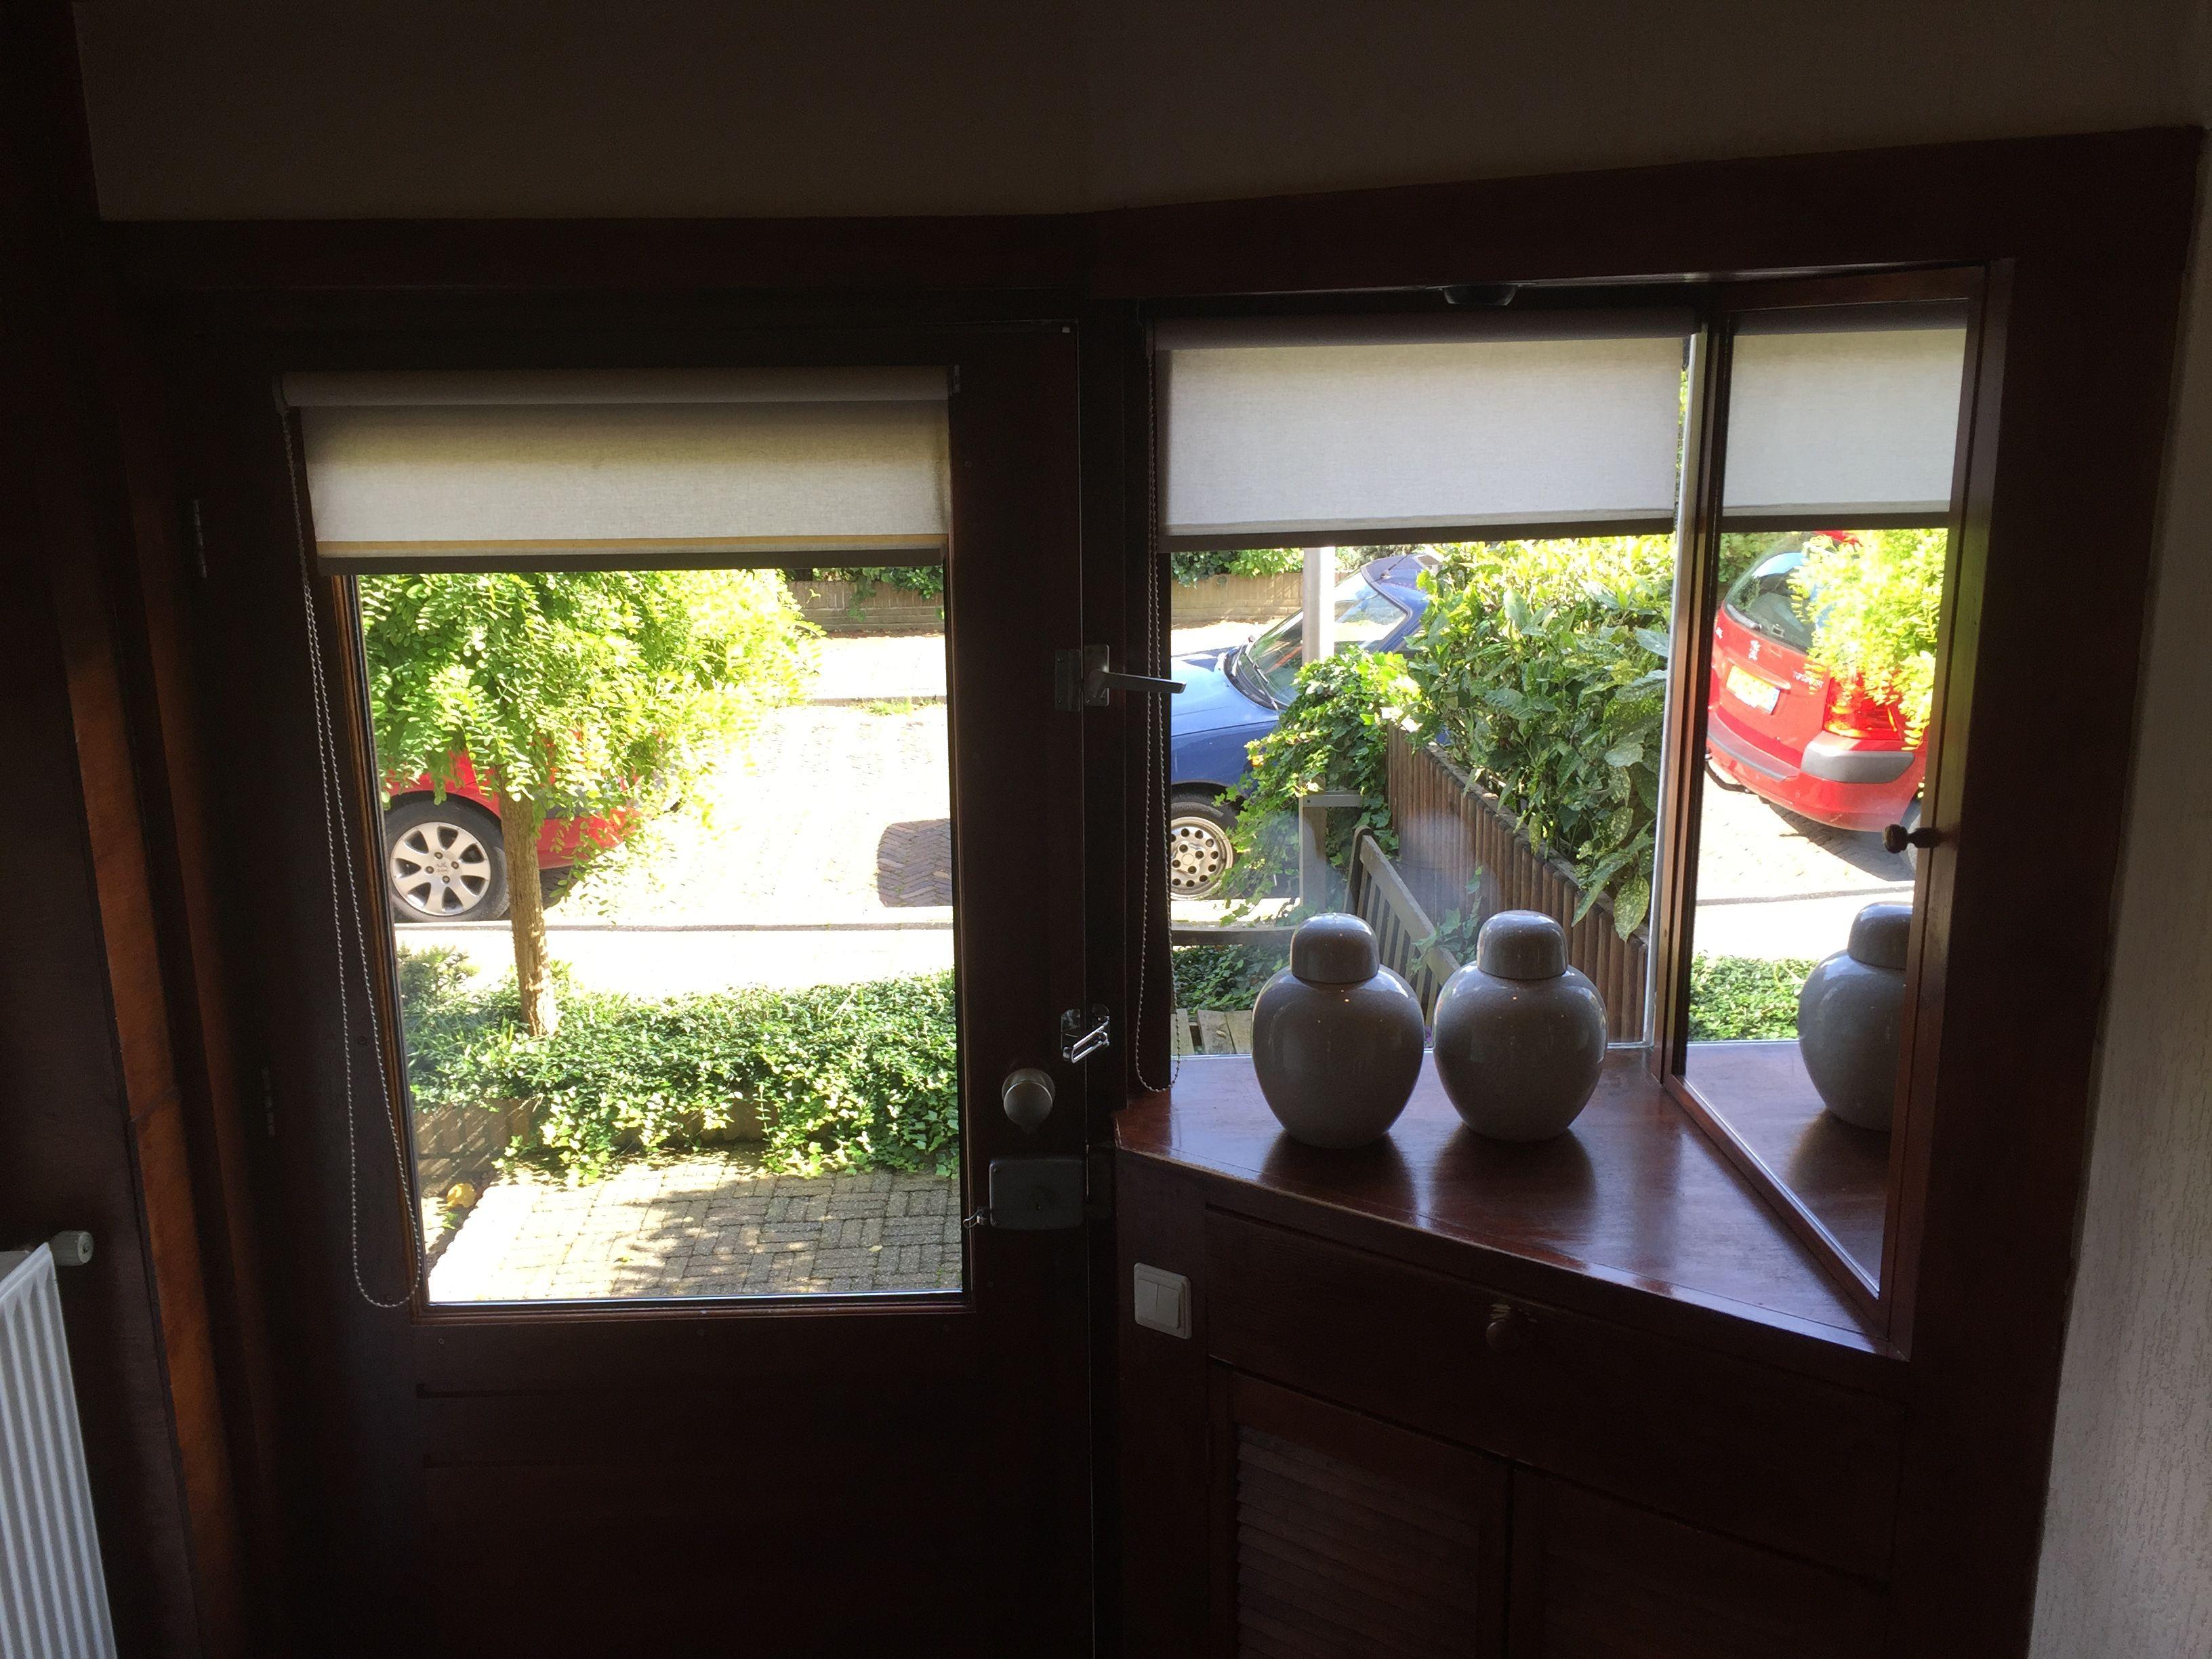 Hal met zicht op voordeur /  #tekoop #woonhuis jaren dertig, met veel verrassingen als: ruime zolder mogelijkheid van twee(!) slaapkamers, eerste verdieping drie slaampkamers, badkamer en separaat toilet, beneden hal, woonkamer met erker, keuken, toilet, douche, ruime tuin, twee schuren, (1 steen) veranda en tuinhuis, naast huis eigen 'gang', volledig dubbl glas, vloerverwarming etc ect €169.500,00  http://www.funda.nl/koop/hengelo/huis-49514293-aleidastraat-25/ #Hengelo #Overijssel #Twente…